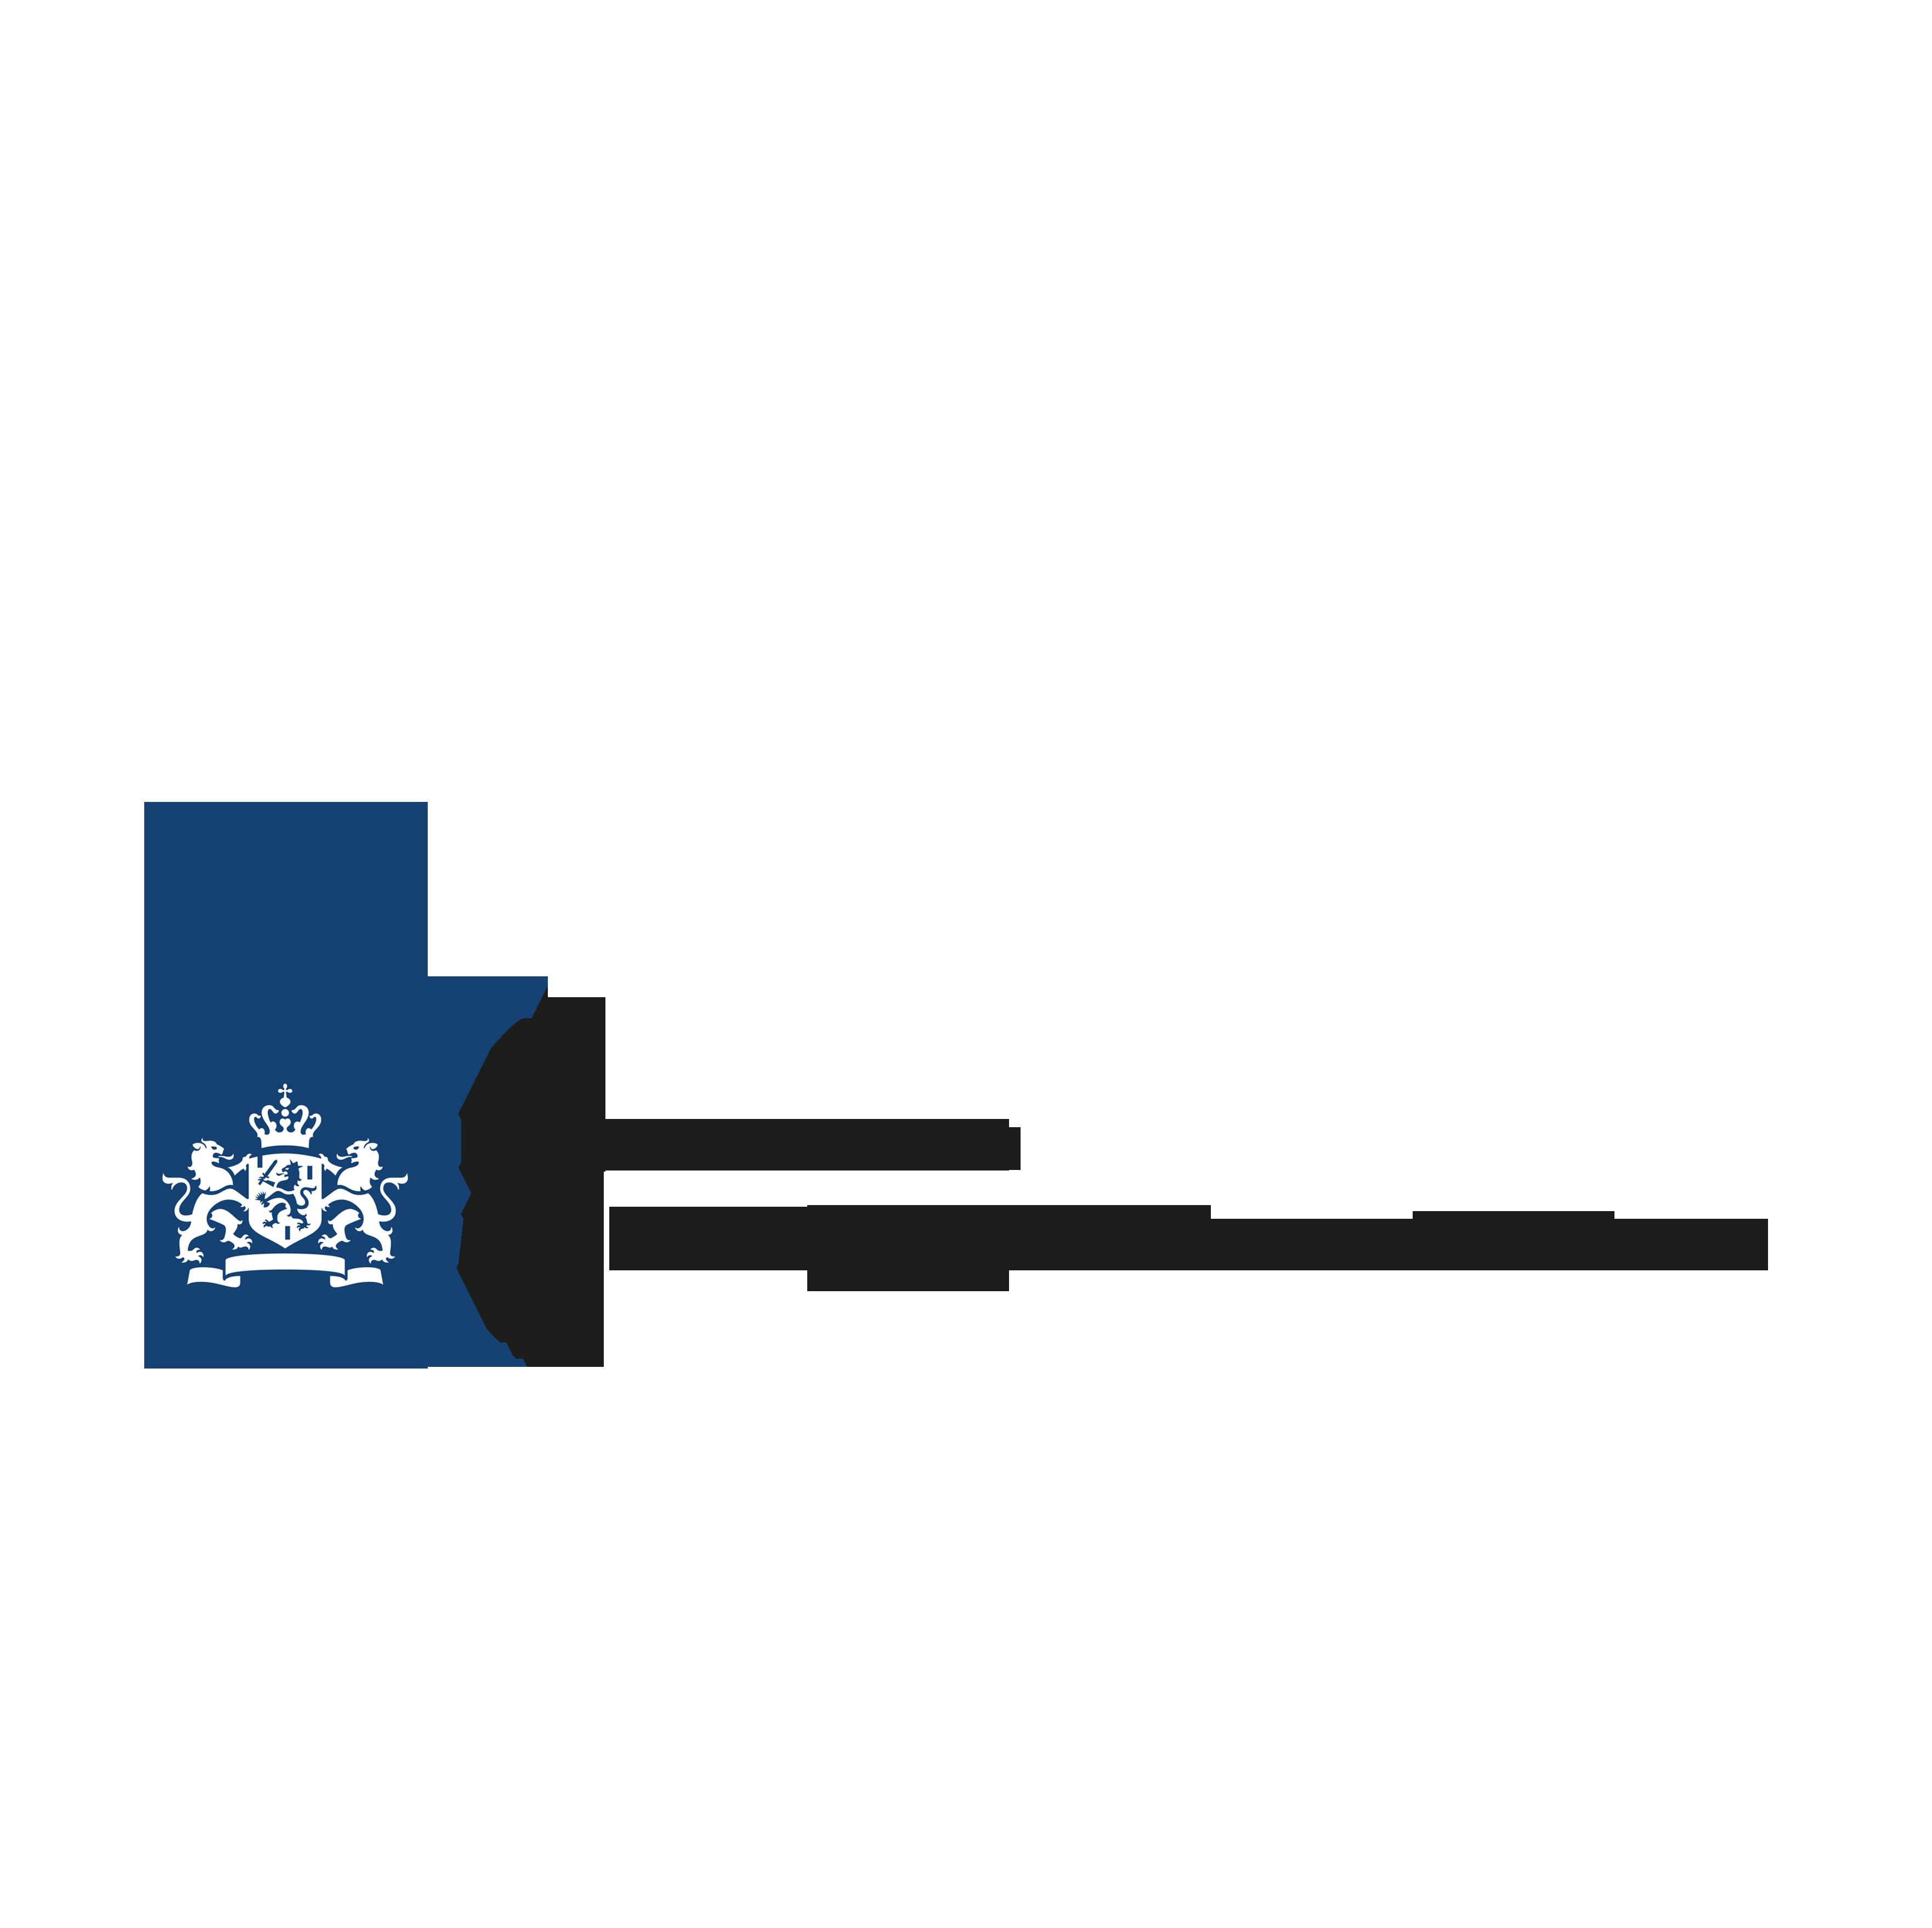 RWS-logo-site